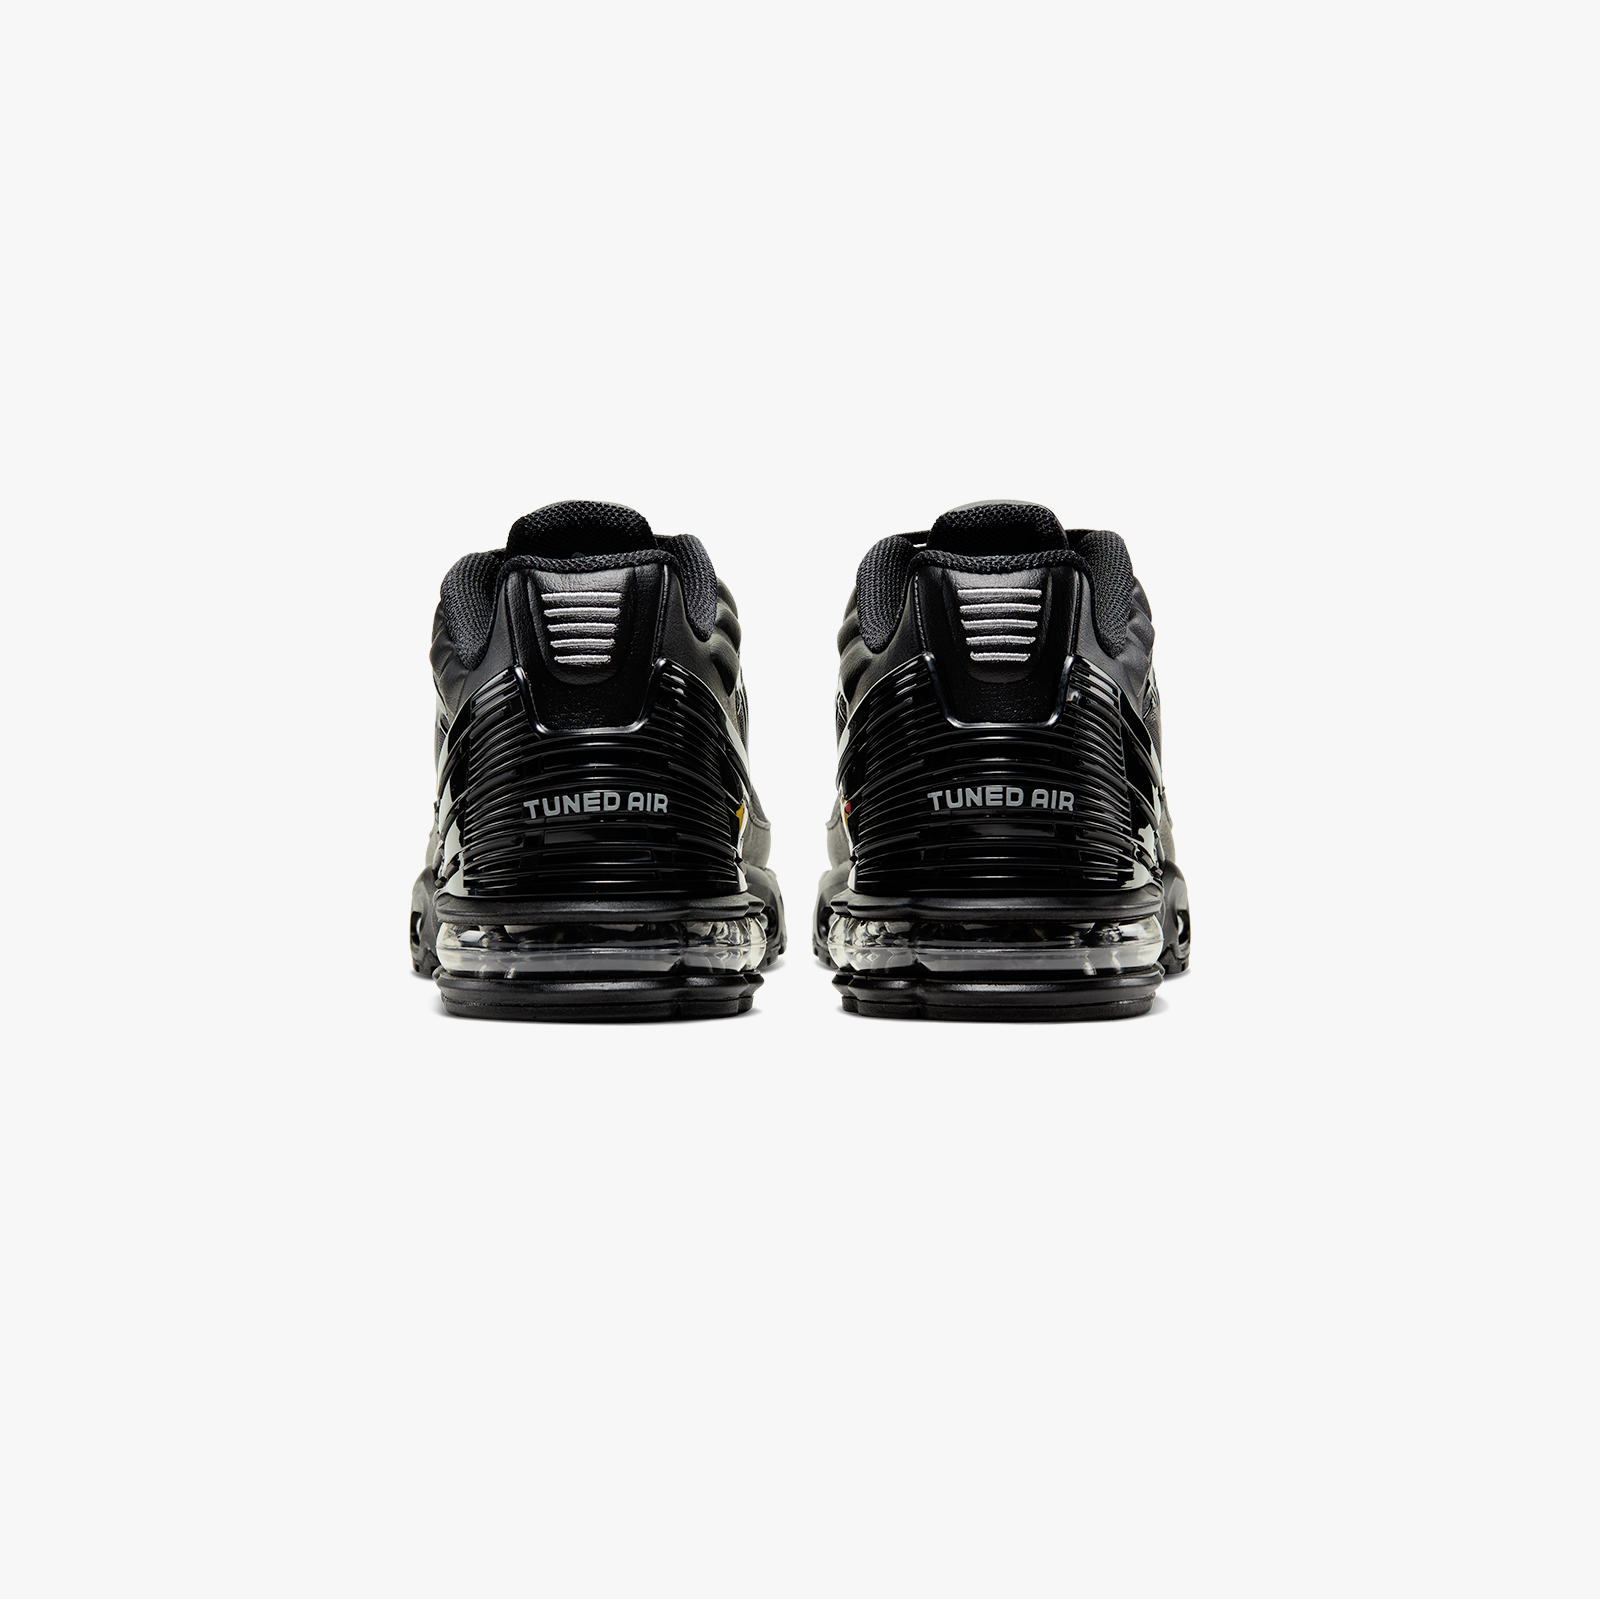 Nike Air Max Plus Iii Cj9684 002 Sneakersnstuff Sneakers Streetwear Online Since 1999